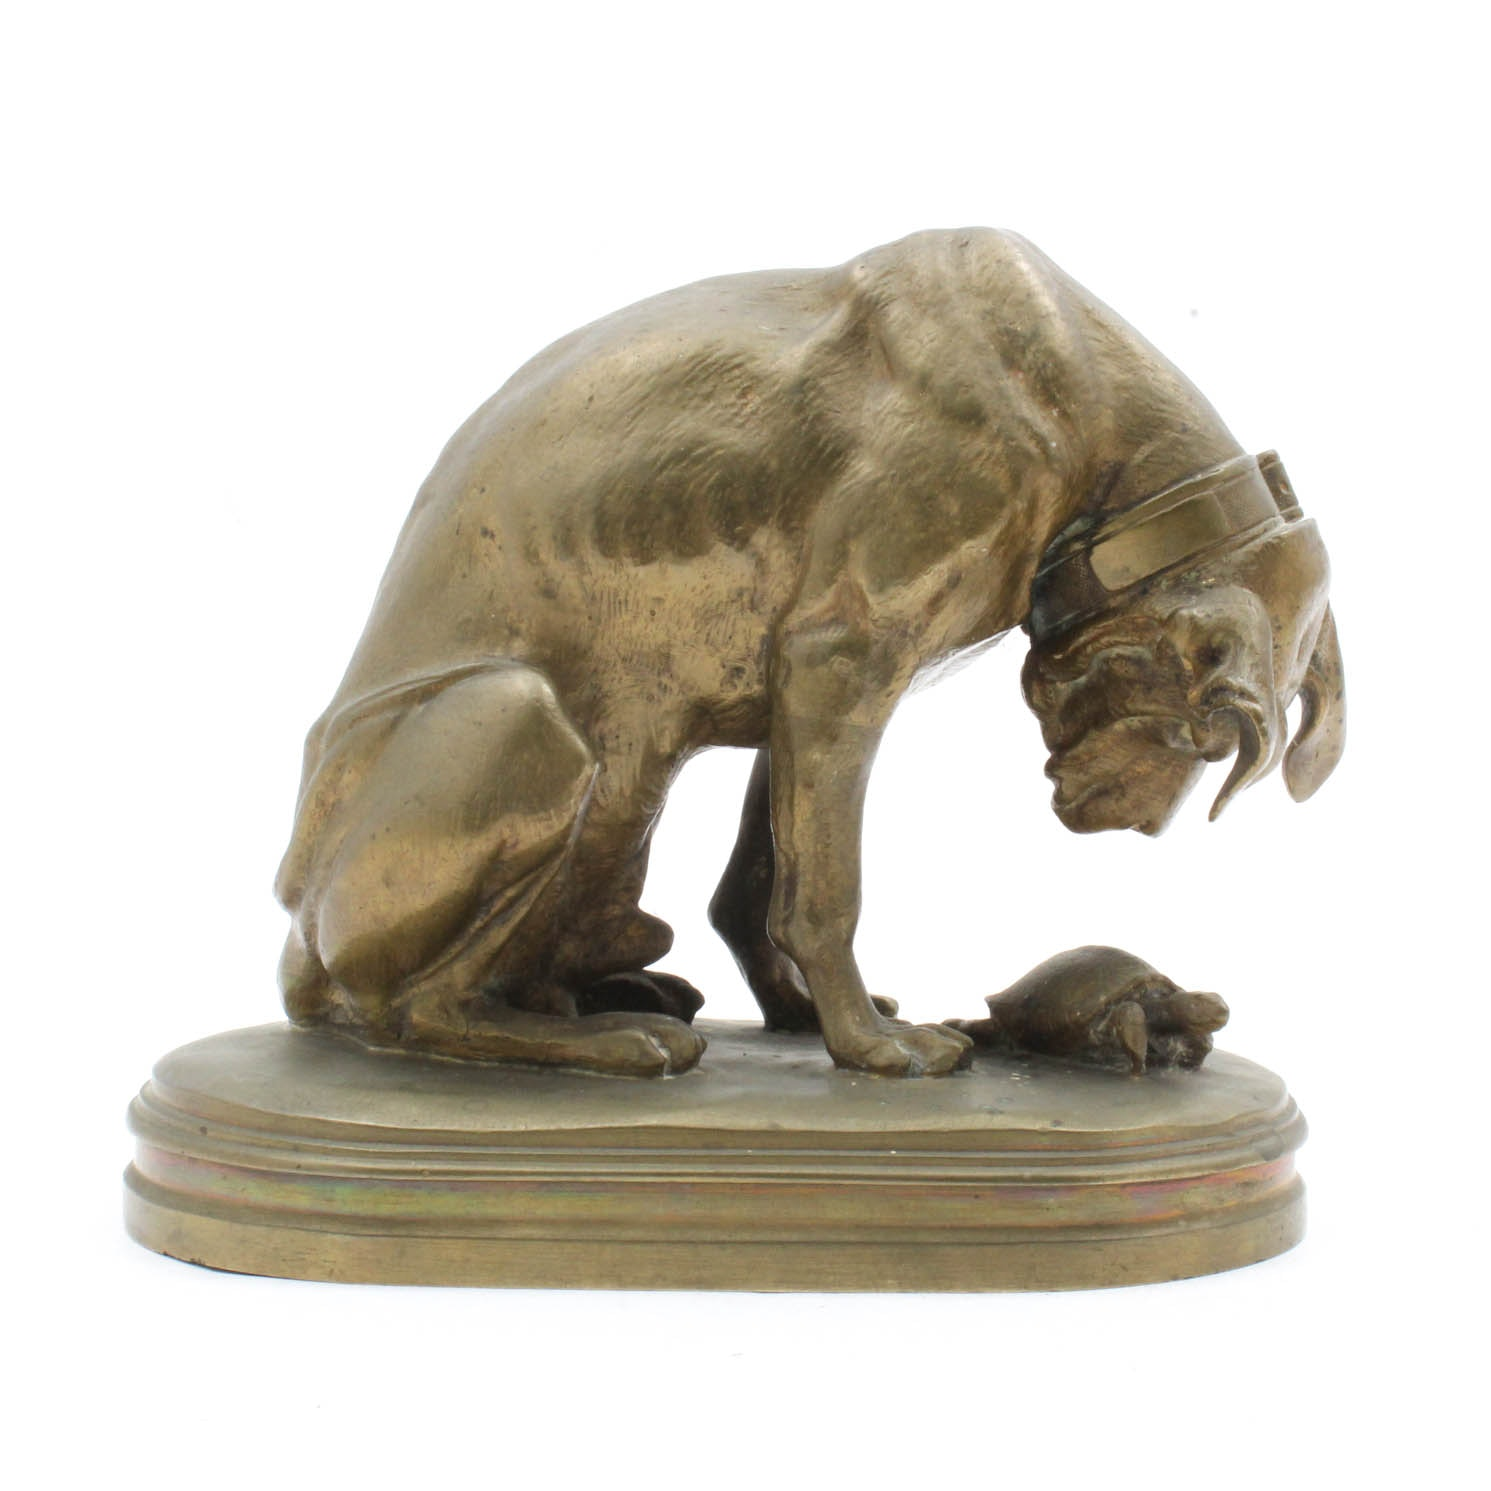 """A. Jacquemart Bronze """"Hound and Tortoise"""" Sculpture"""